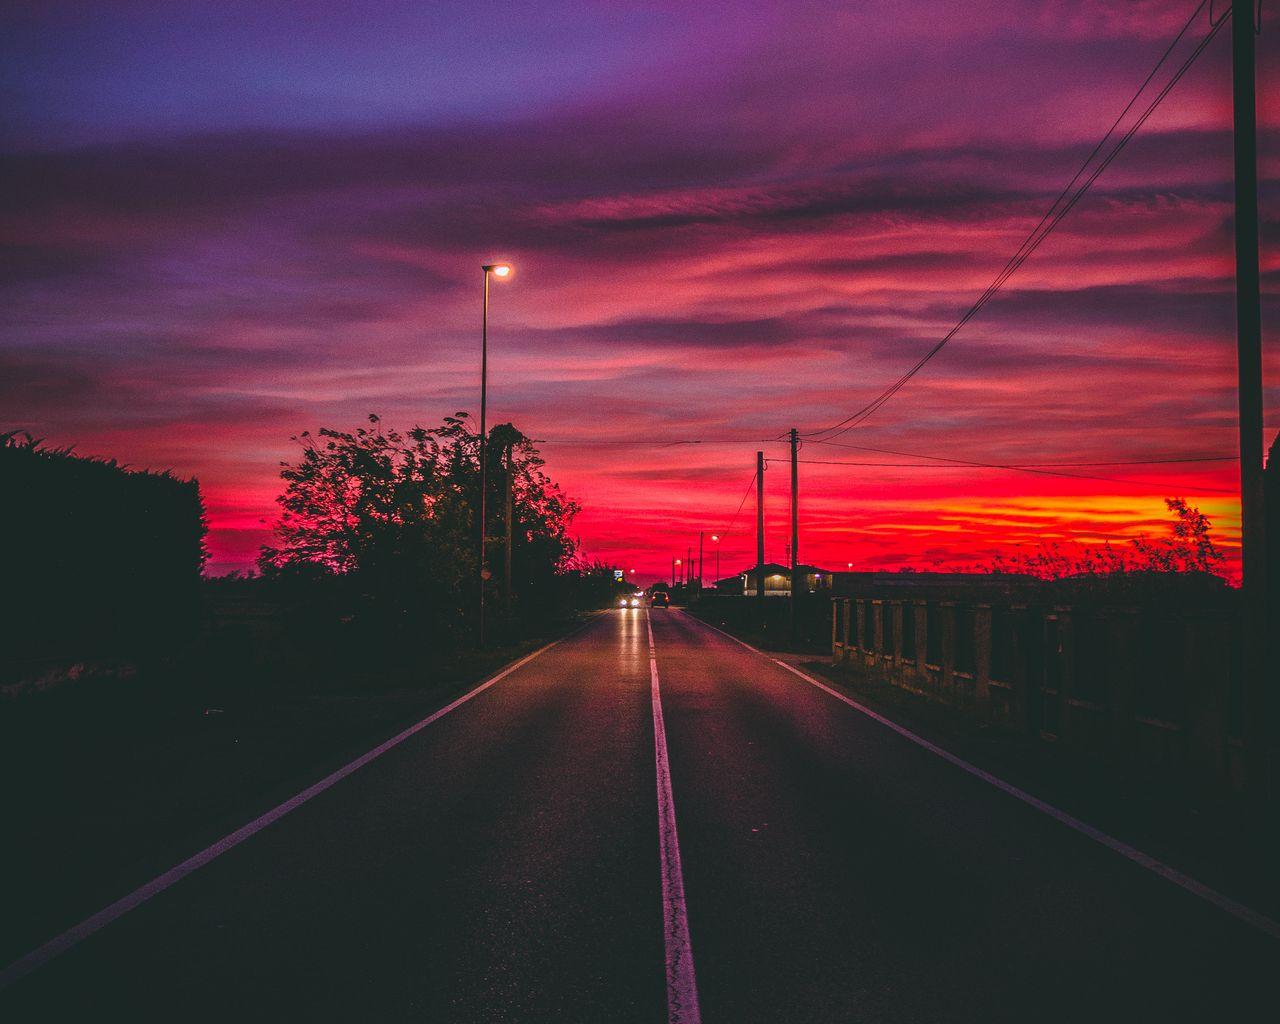 1280x1024 Wallpaper road, sunset, horizon, marking